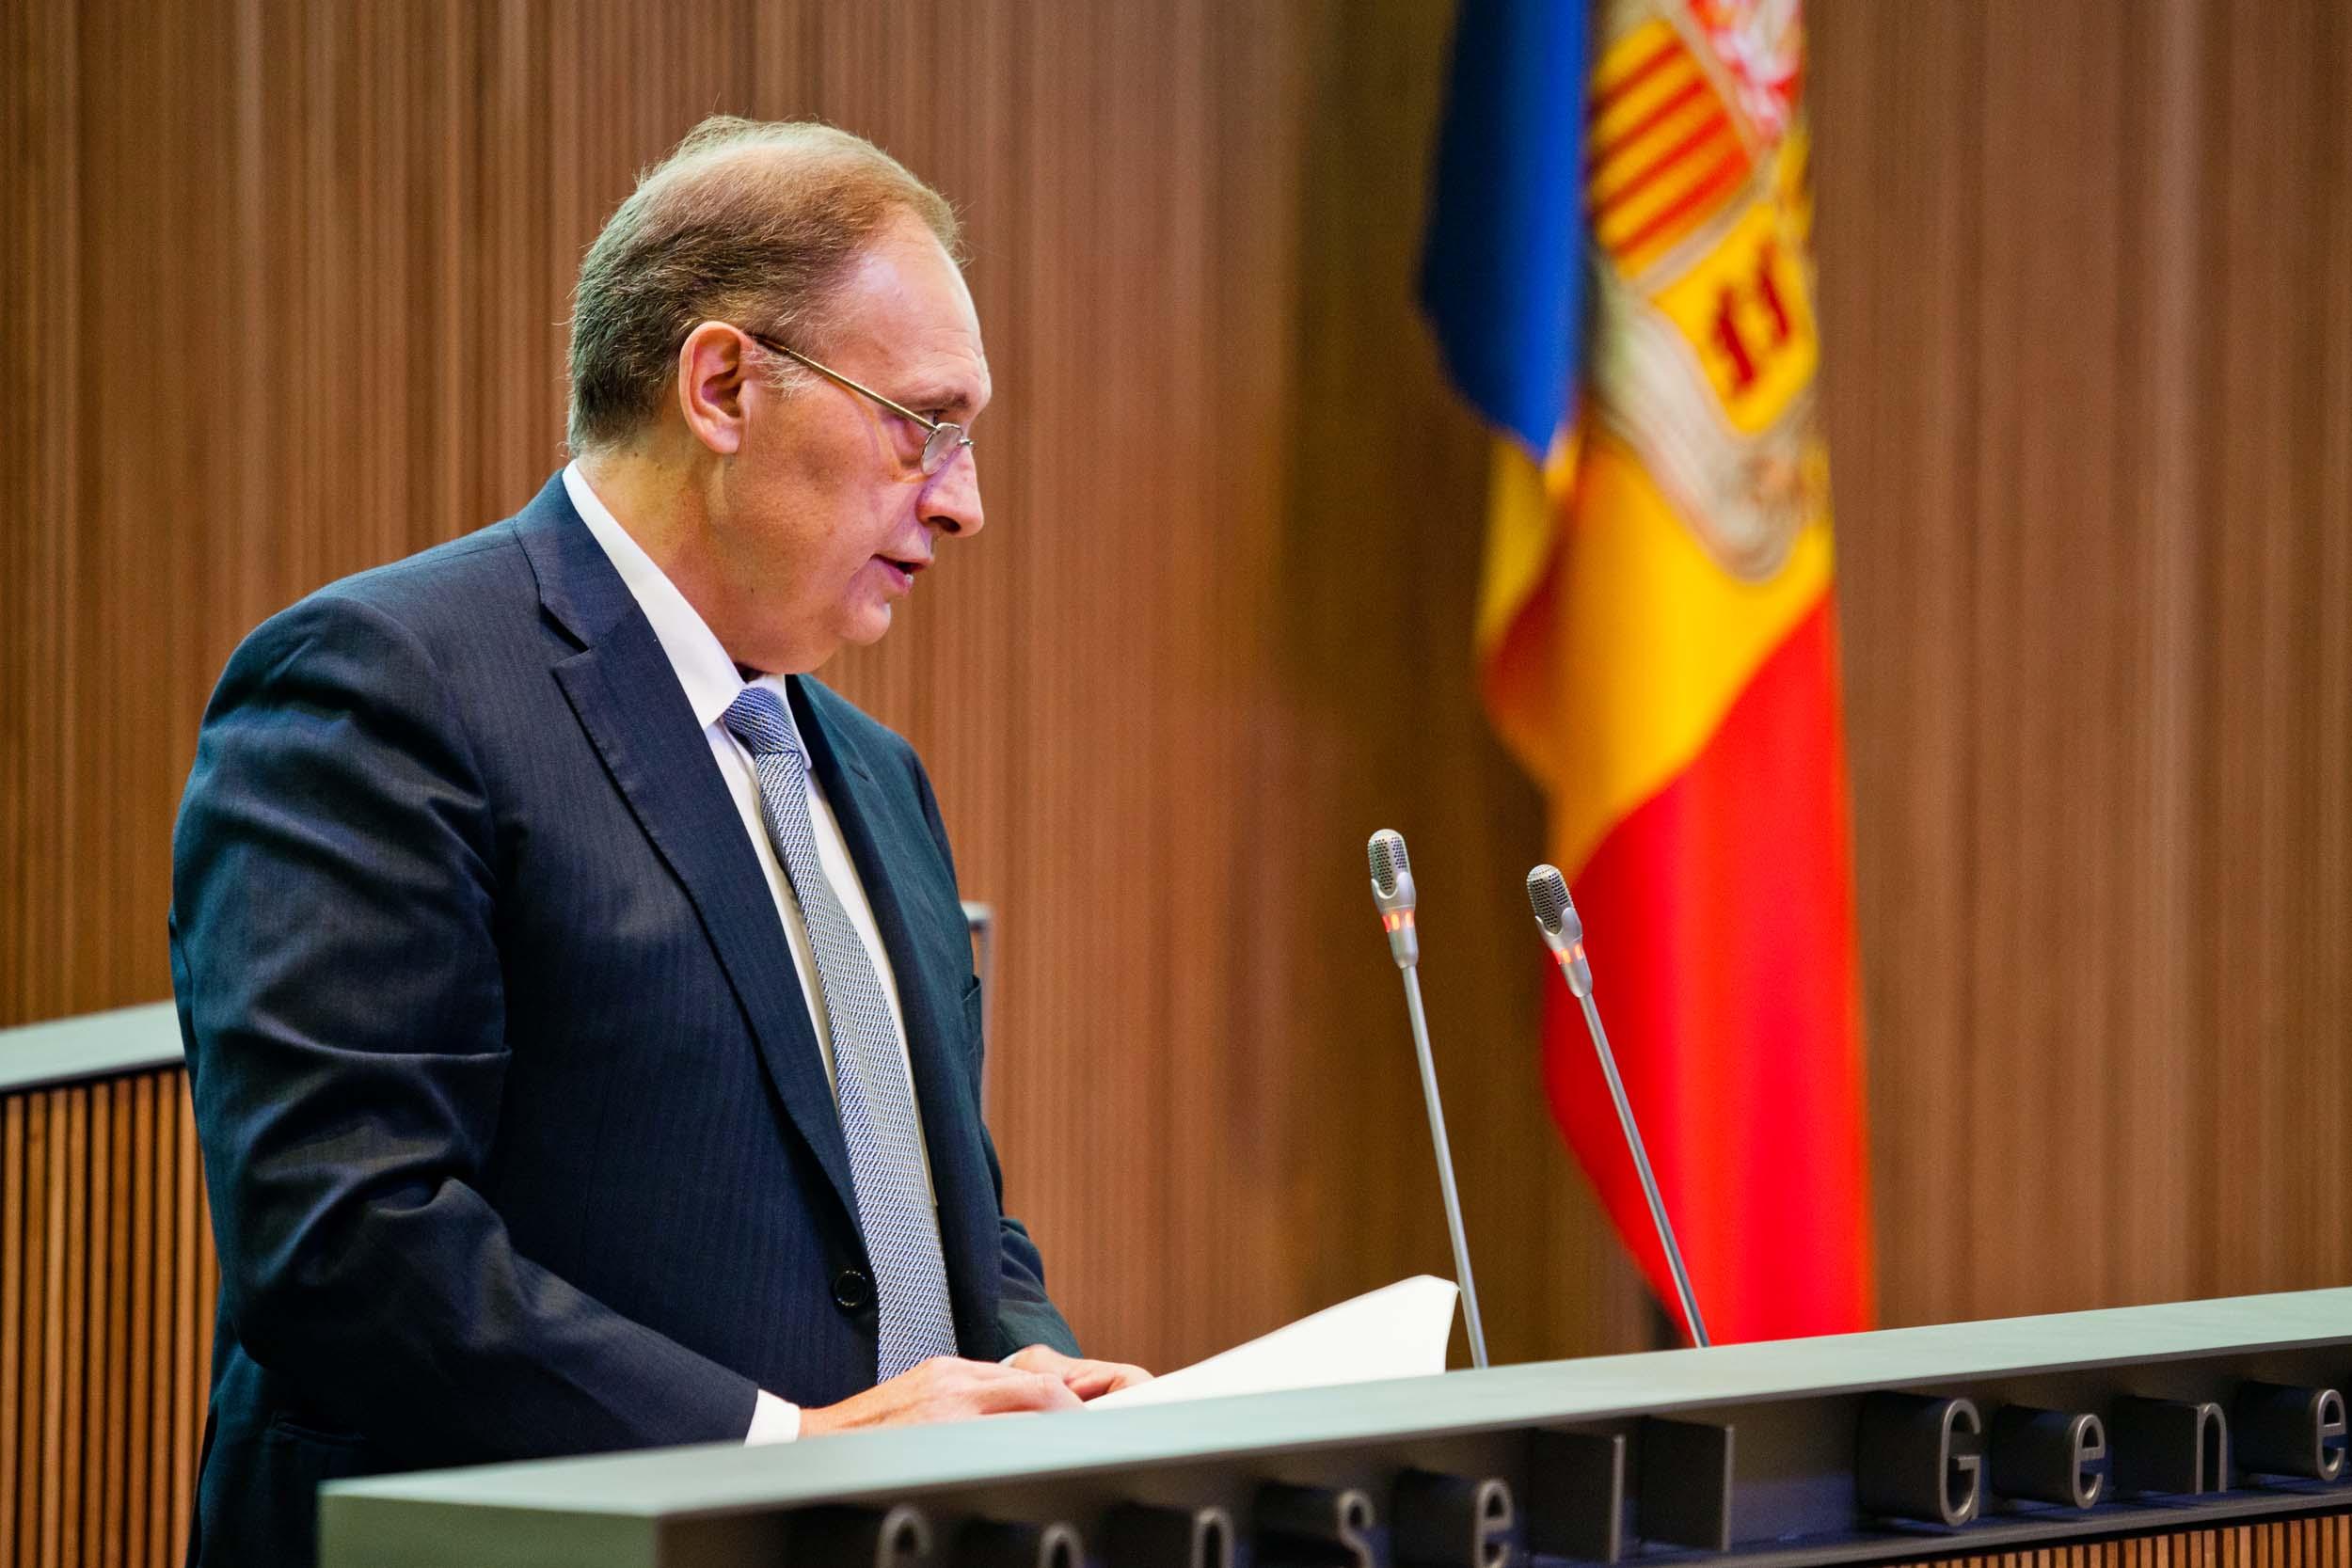 Intervenció de Josep Pintat, president del Grup Parlamentari Liberal